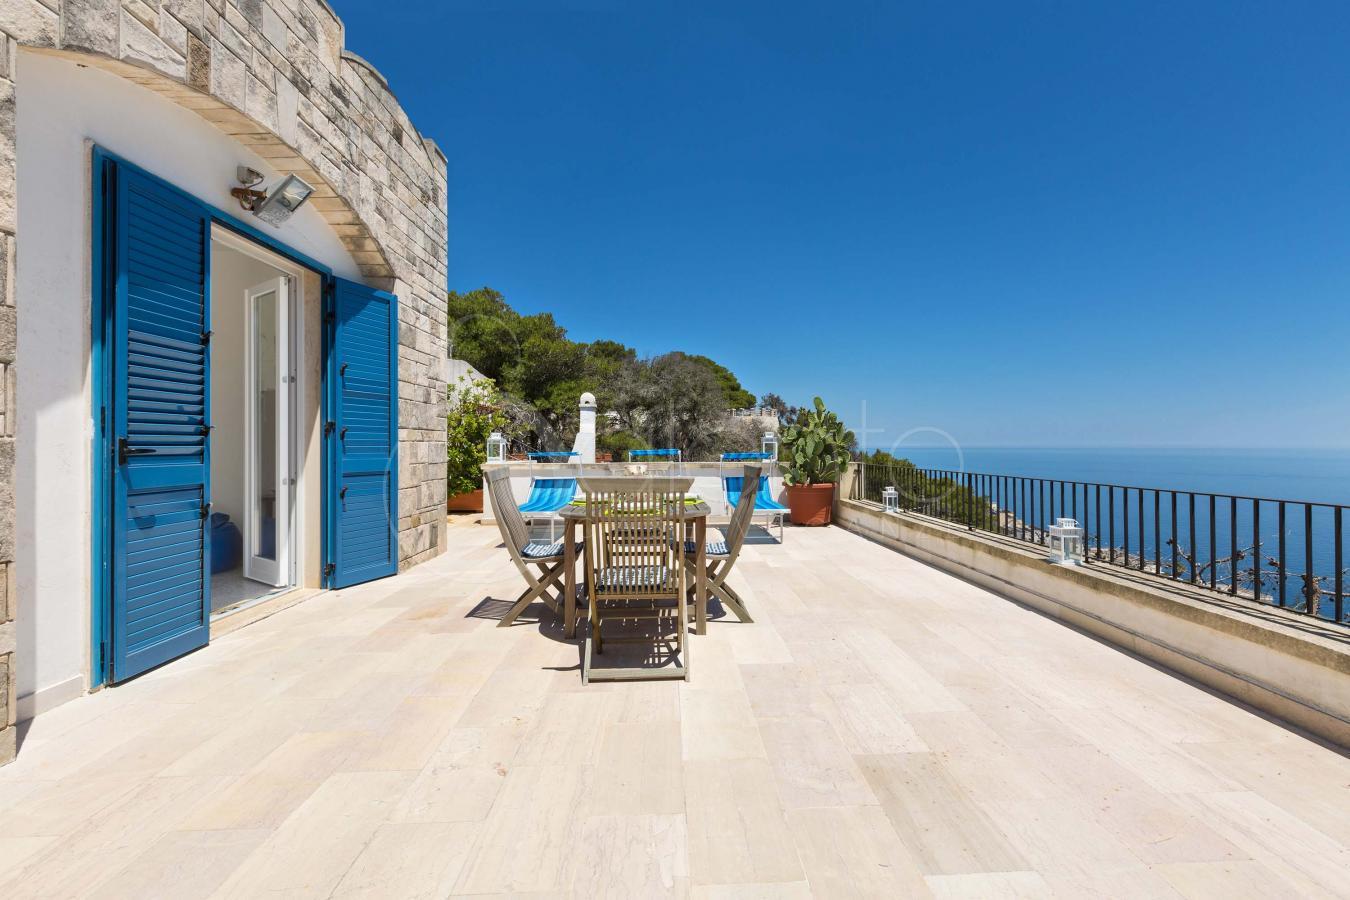 Holiday house on the sea coast of Santa Cesarea Terme